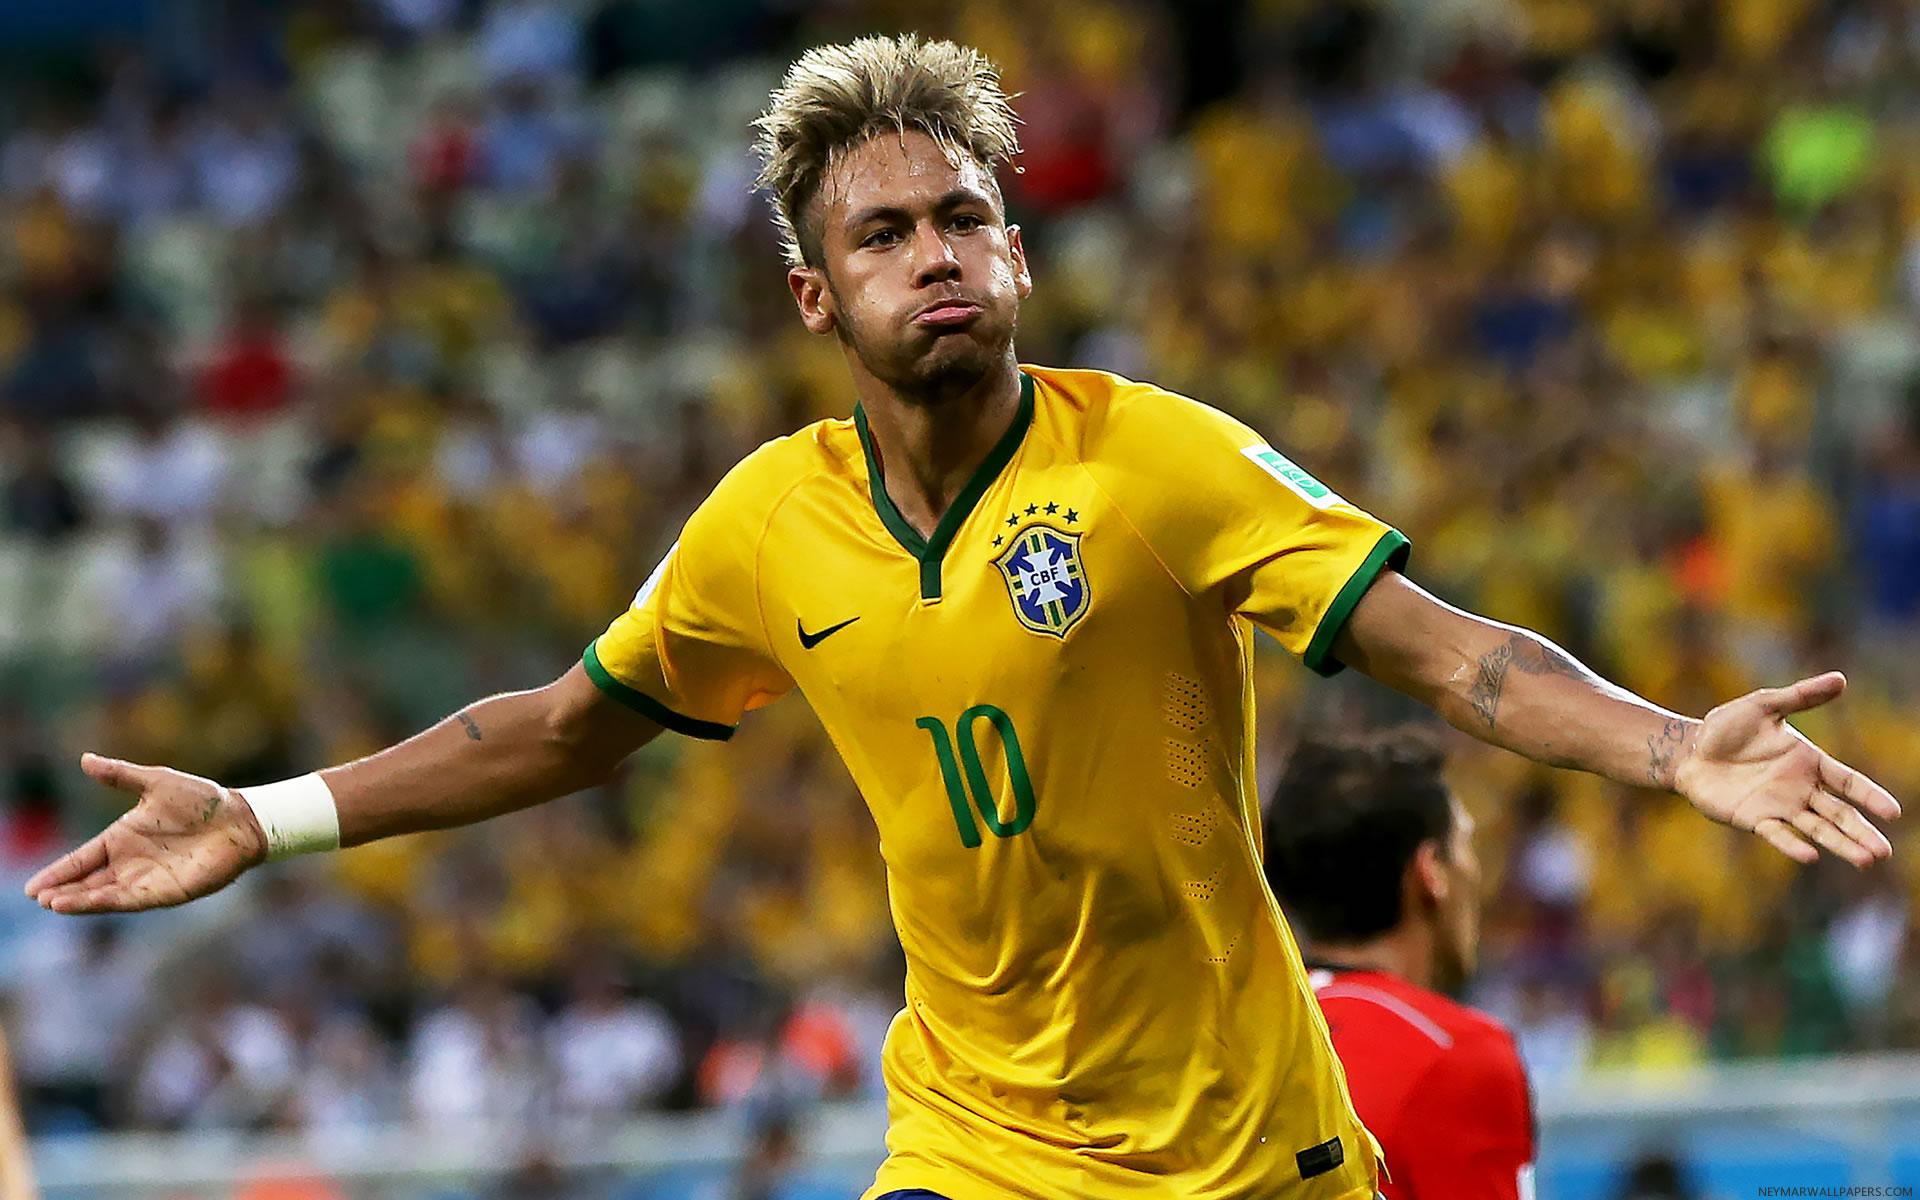 Neymar World Cup 2014 Wallpaper (2)